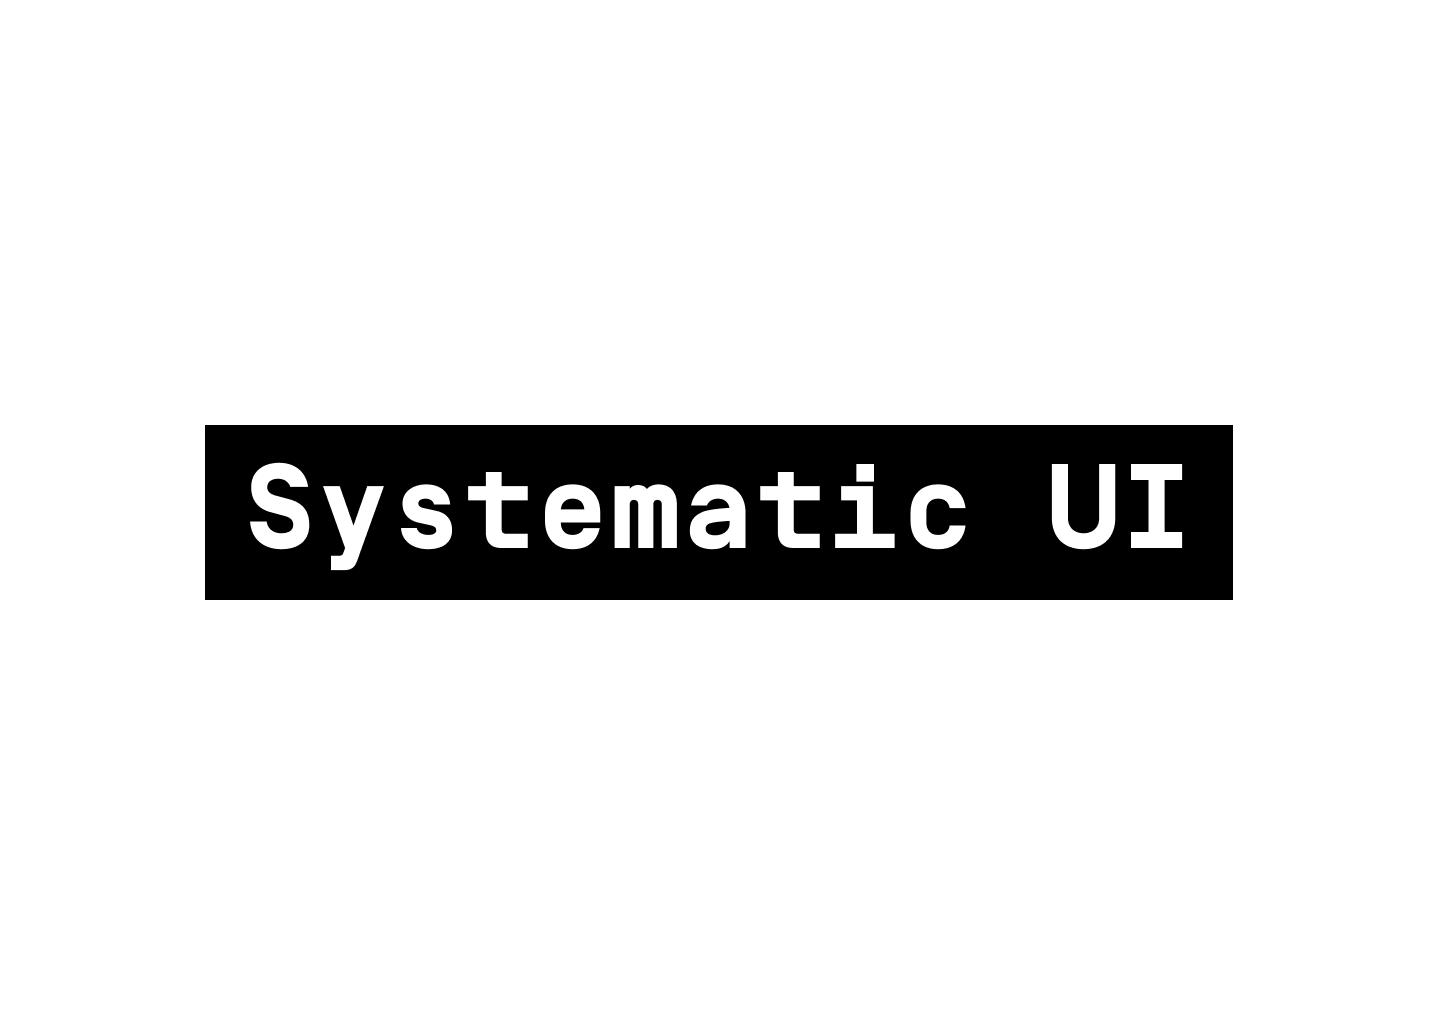 Systematic UI design